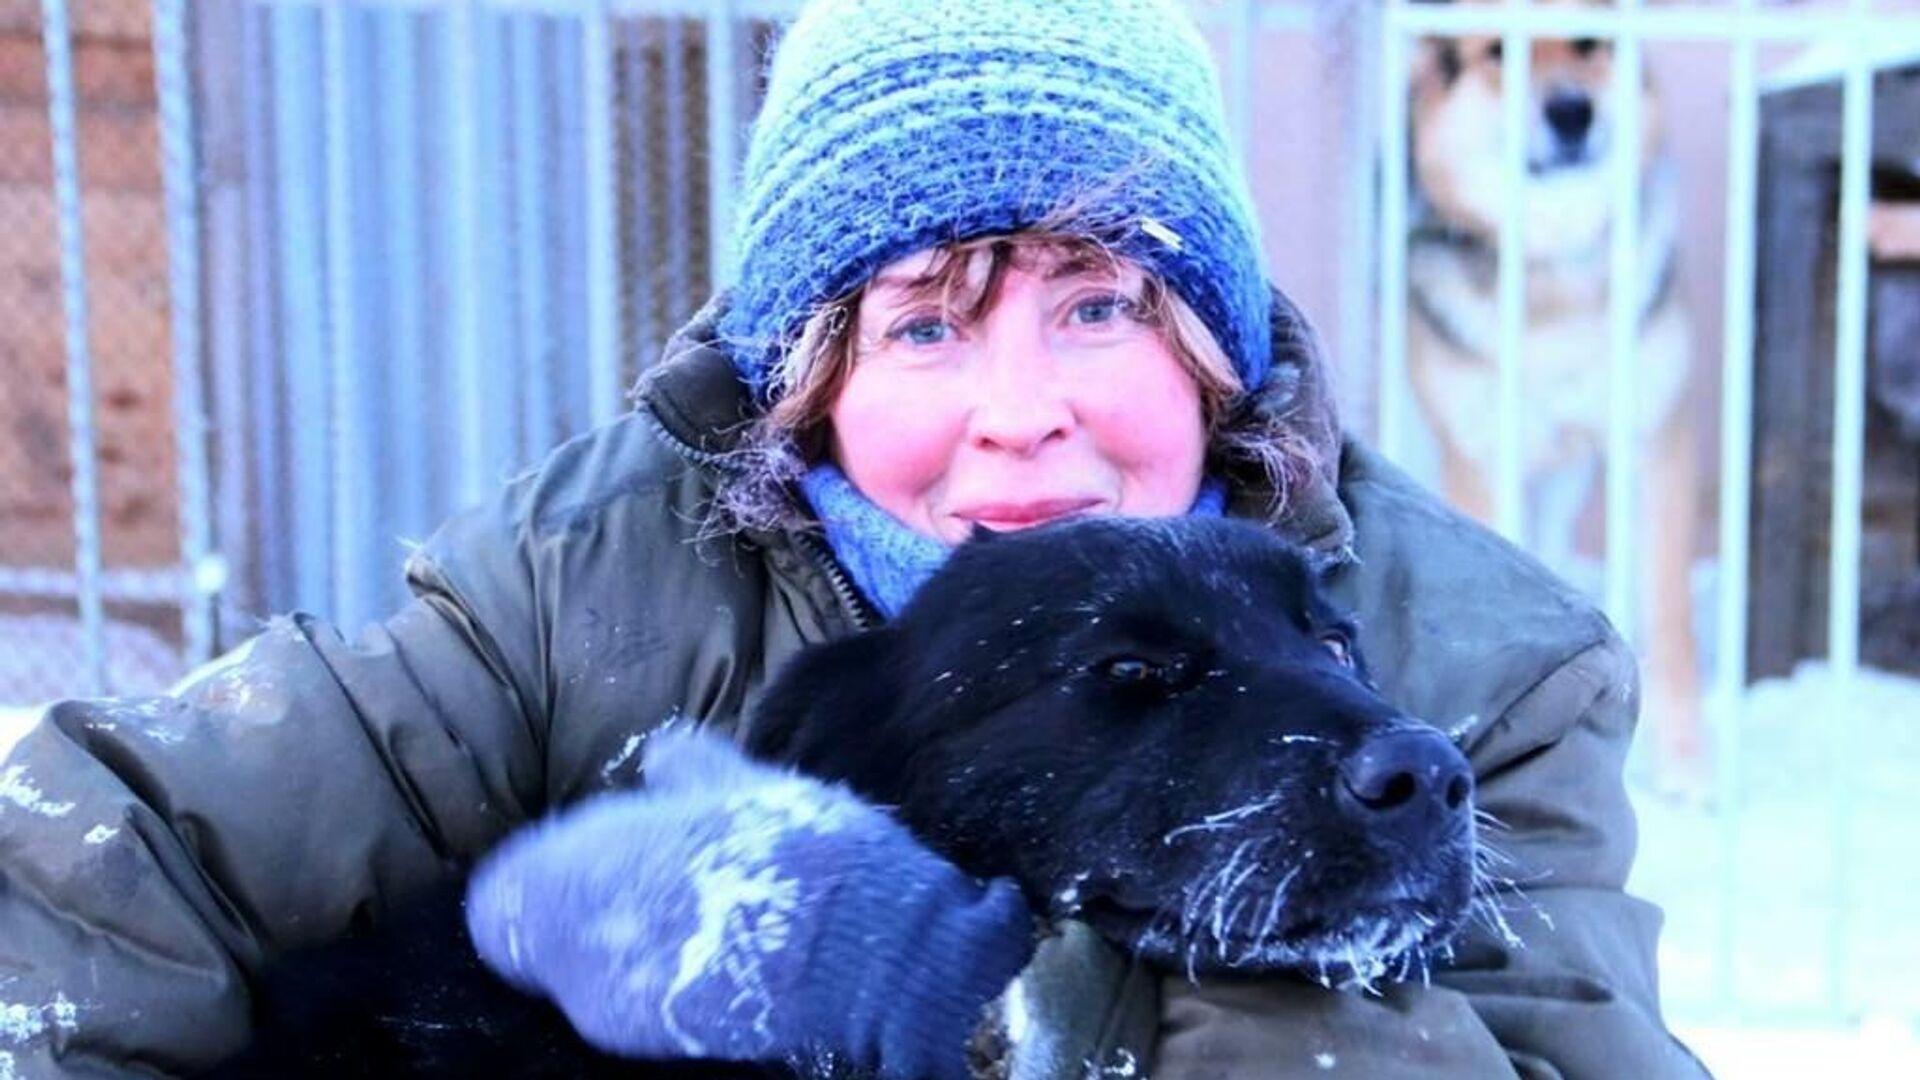 Волонтер приюта для животных на Чукотке Марина и собака Берта - РИА Новости, 1920, 21.01.2021